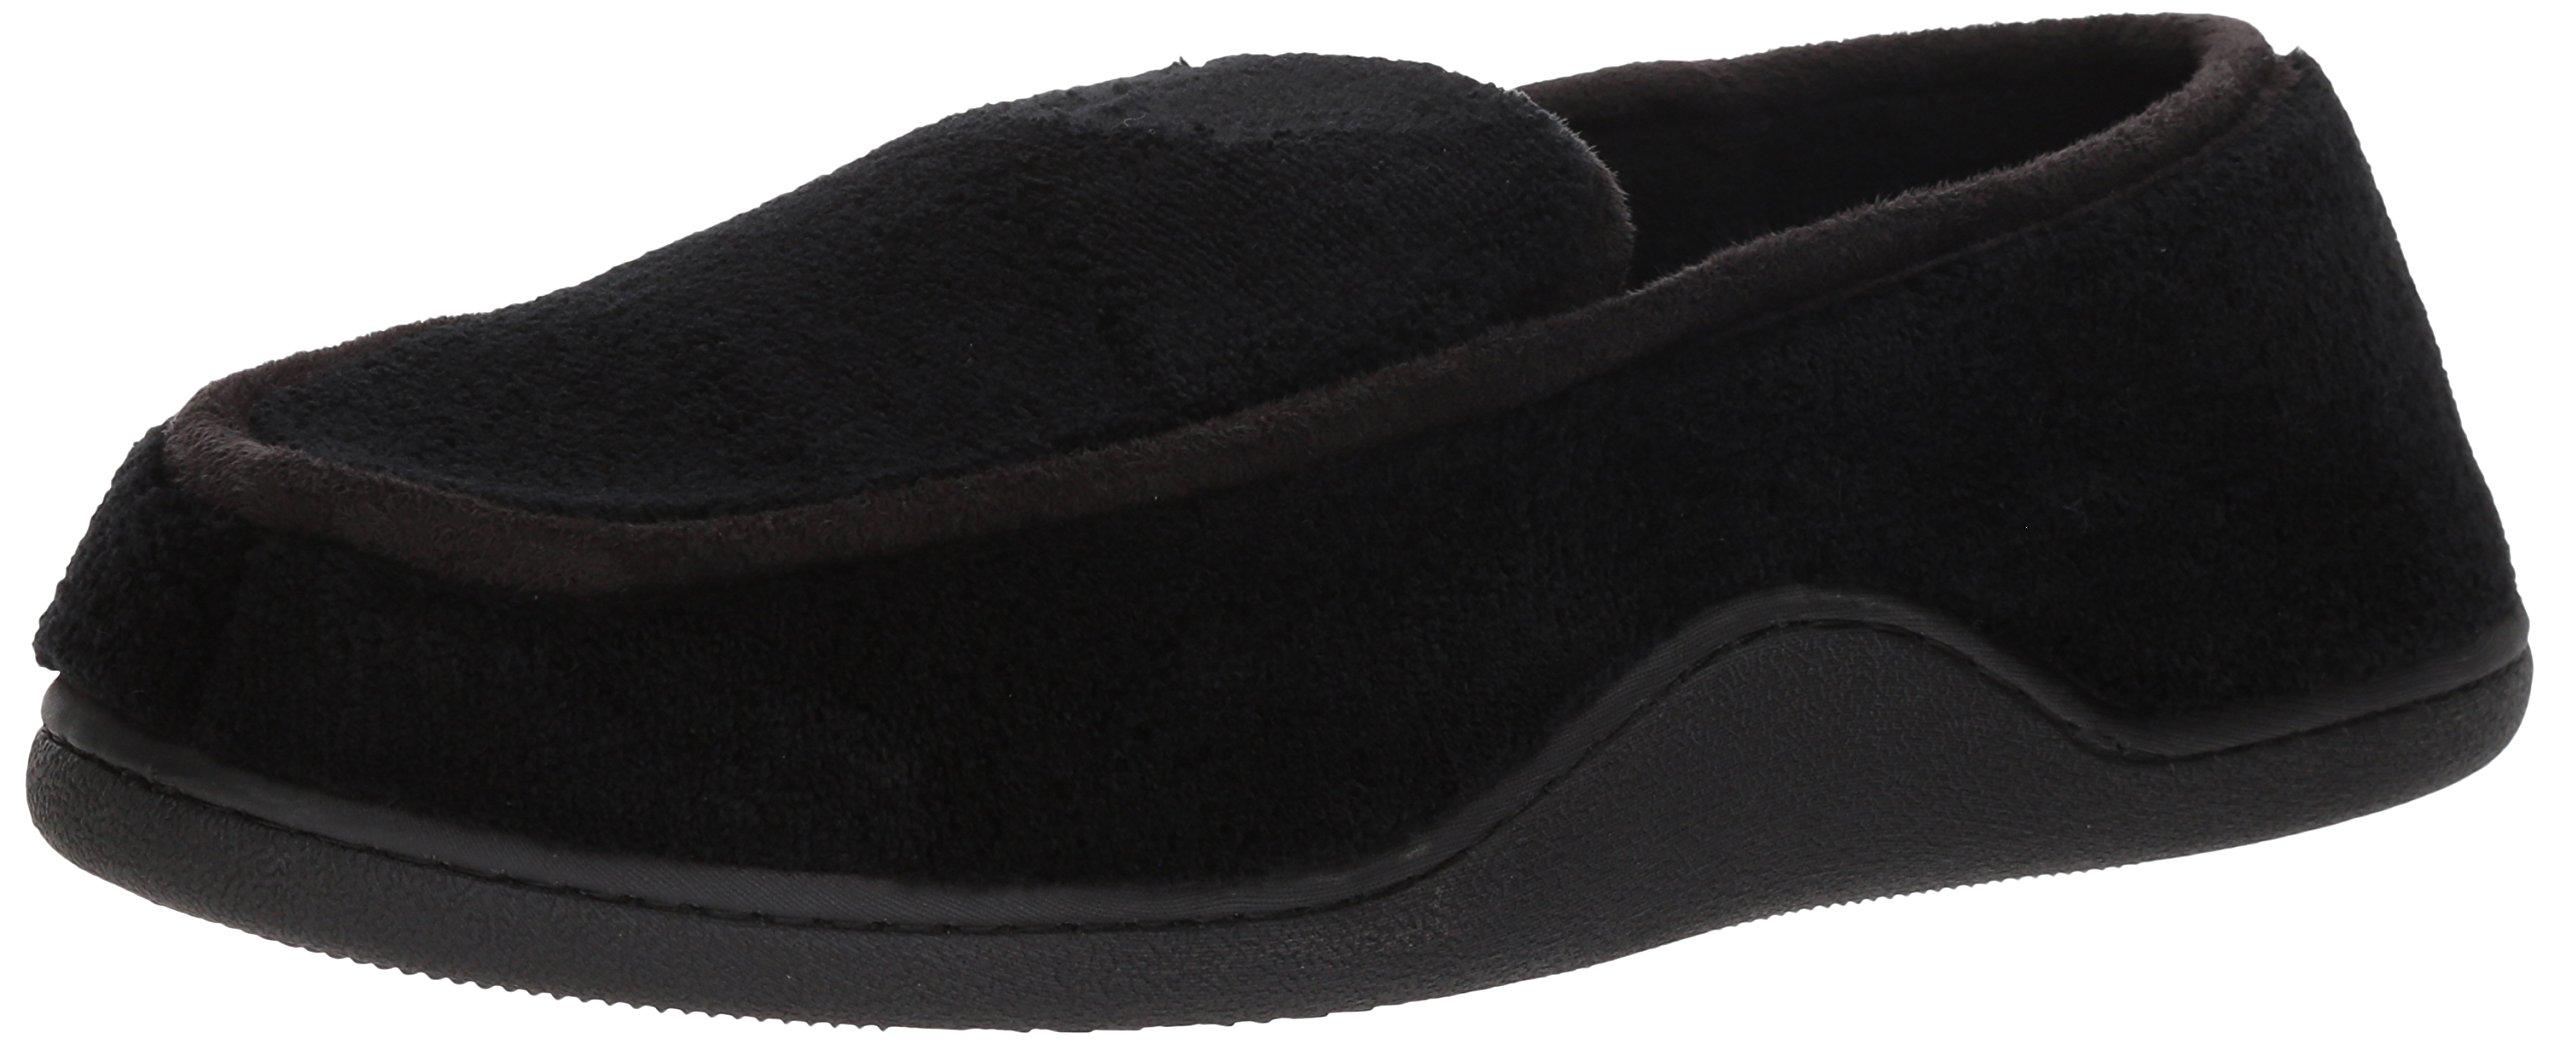 ISOTONER Men's Terry Moccasin Slipper Memory Foam Indoor/Outdoor Comfort, Black, XL